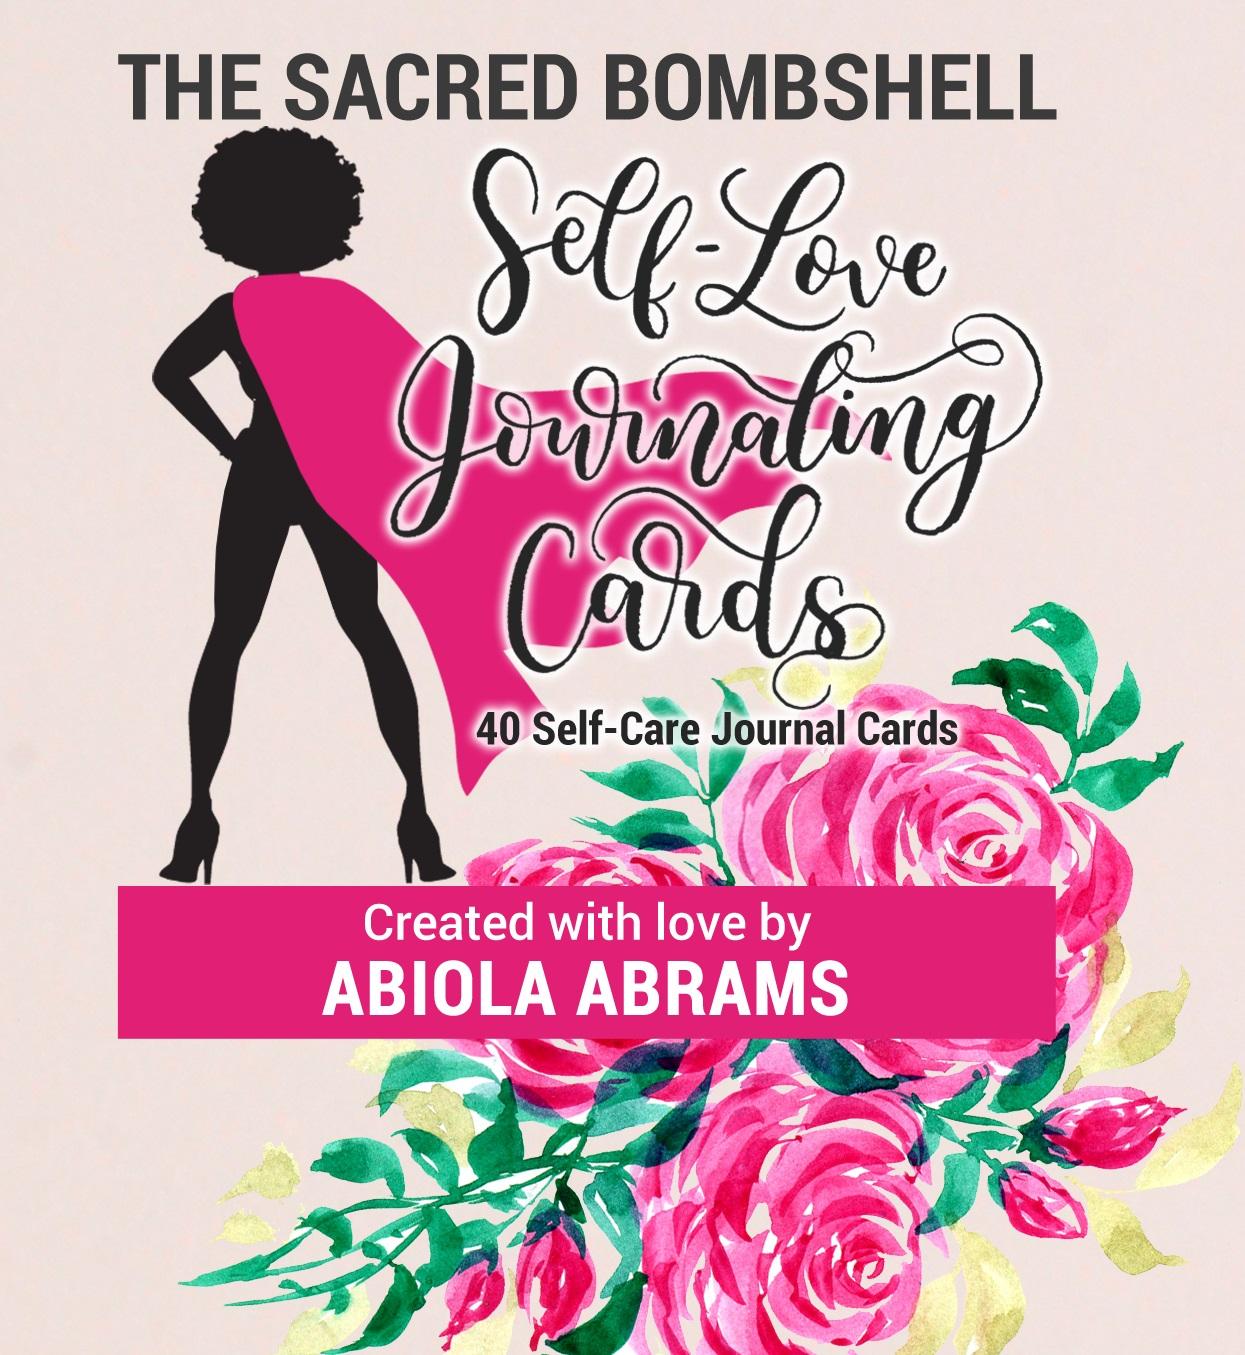 Sacred Bombshell Self-Love Journal Cards